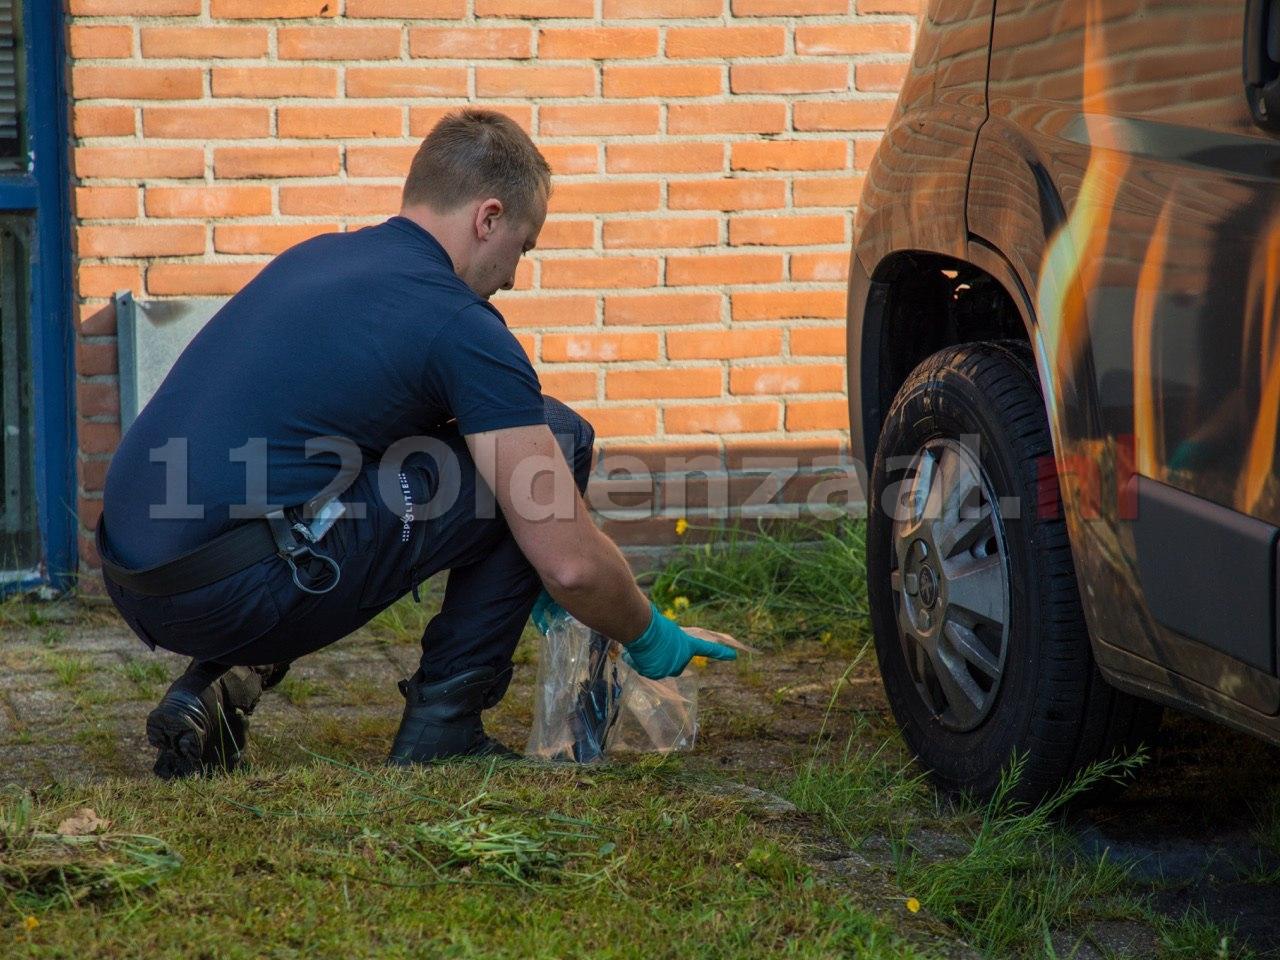 Foto 3: Forensische opsporing doet onderzoek na autobrand in Oldenzaal